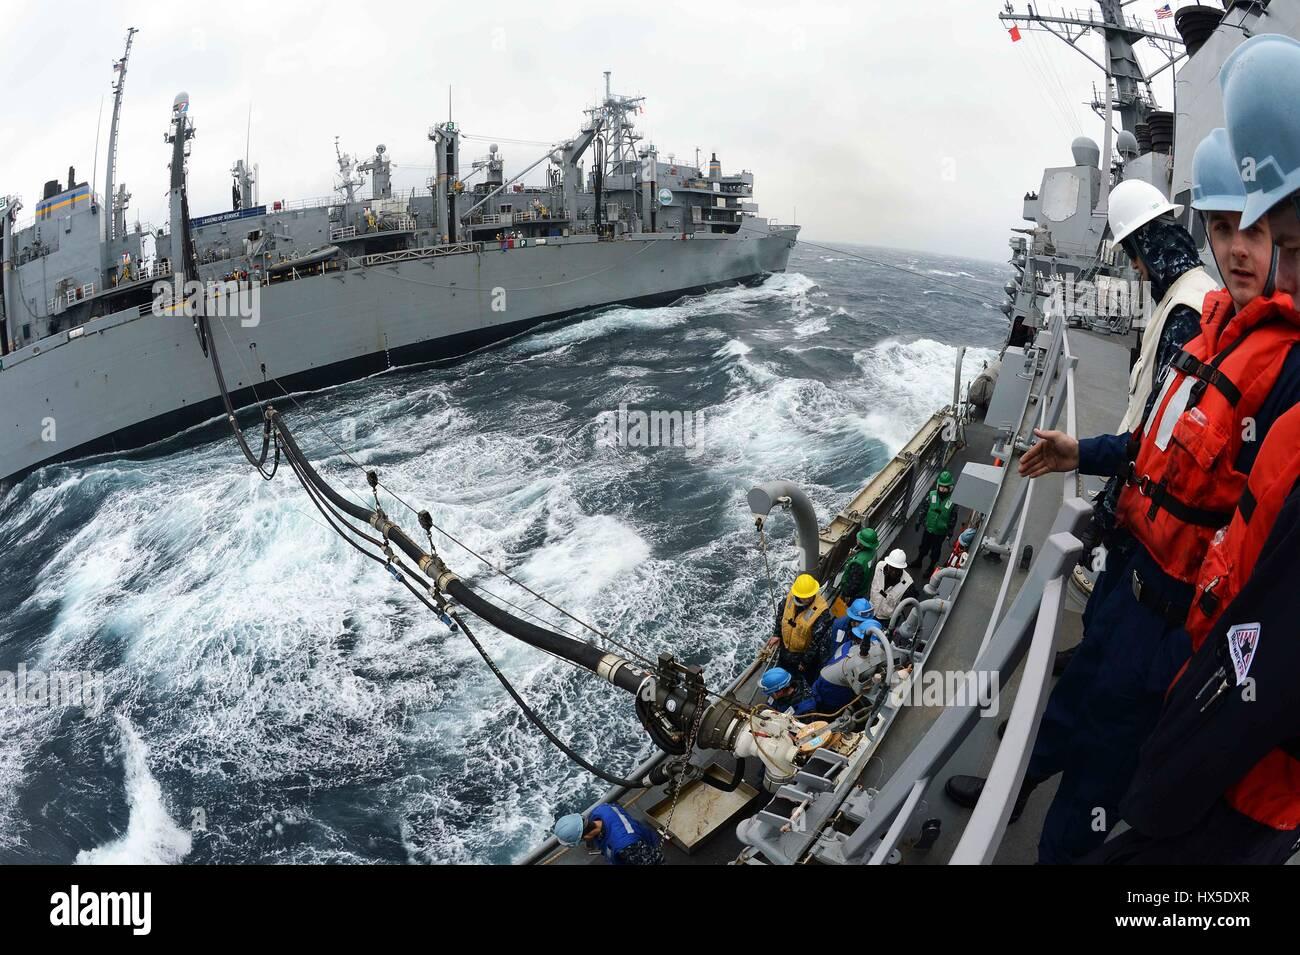 Comando de Transporte Marítimo Militar de apoyo de combate rápido buque USNS Rainier (T-AOE-7) y Arleigh Burke clase de misiles guiados destructor USS McCampbell (DDG 85) durante una reposición en alta mar, al oeste de la Península de Corea, en 2013. Imagen cortesía de Declan Barnes/Imagen cortesía de la US Navy. Foto de stock